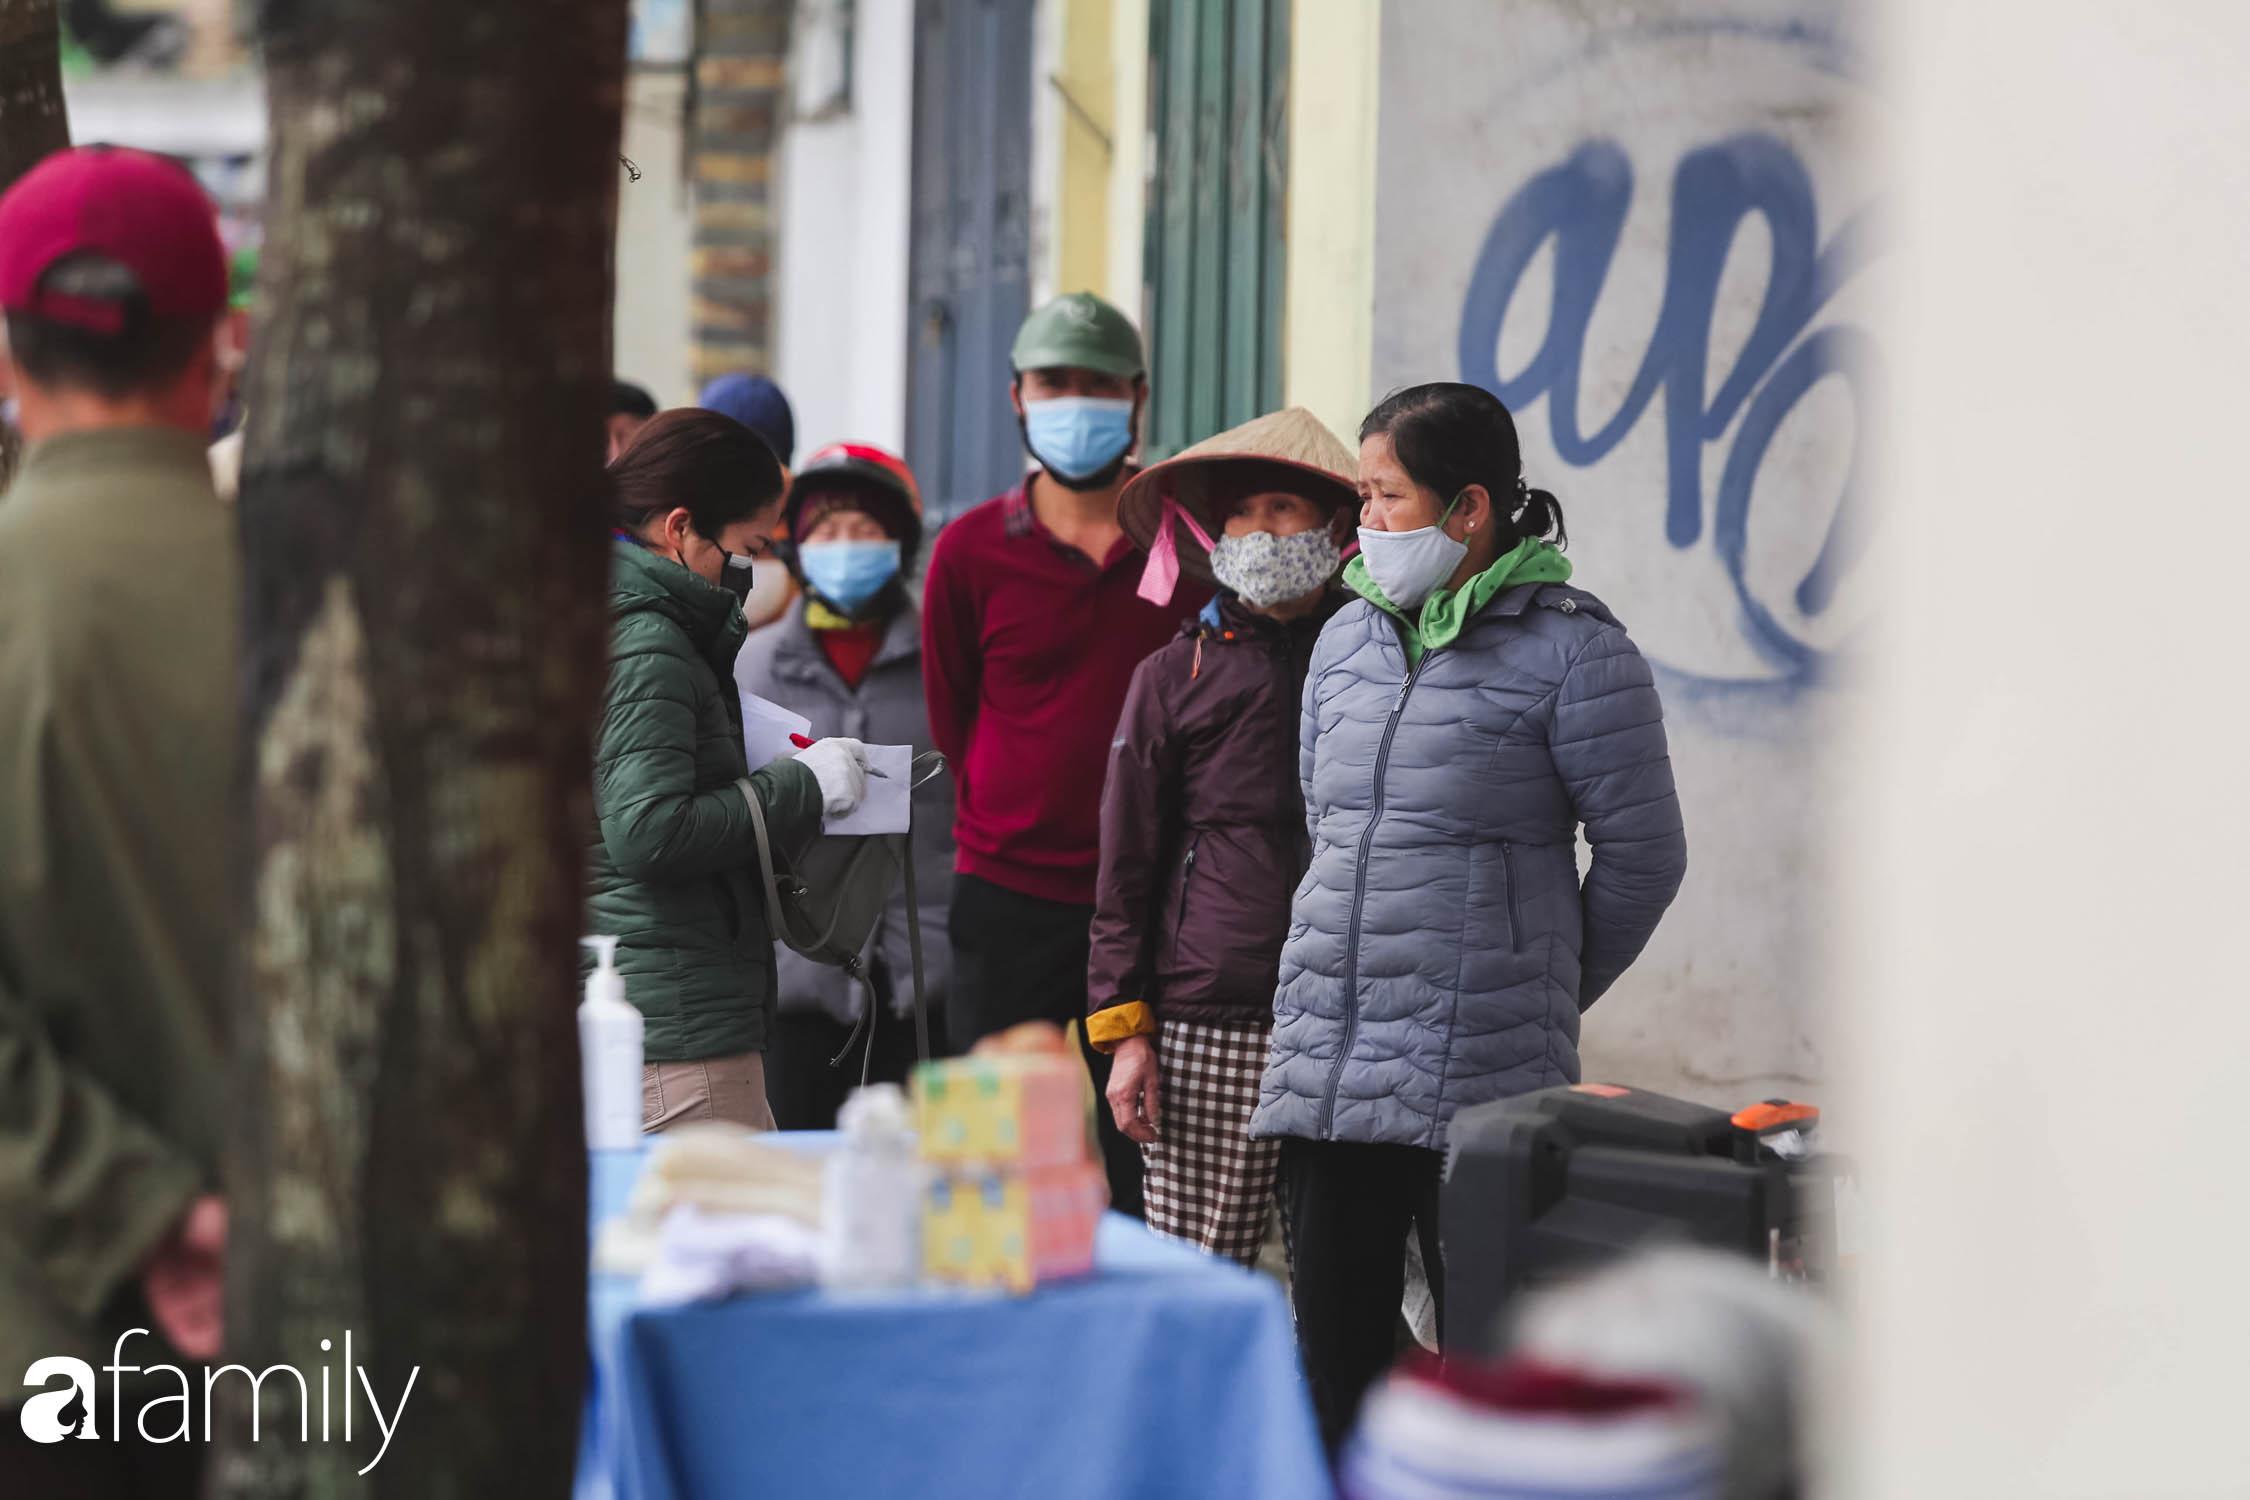 Những ngày cách ly chống dịch: Nhiều điểm phát lương thực mở ra như món quà vô giá với sinh viên nghèo, lao động thất nghiệp cố bám trụ lại Thủ đô - Ảnh 4.